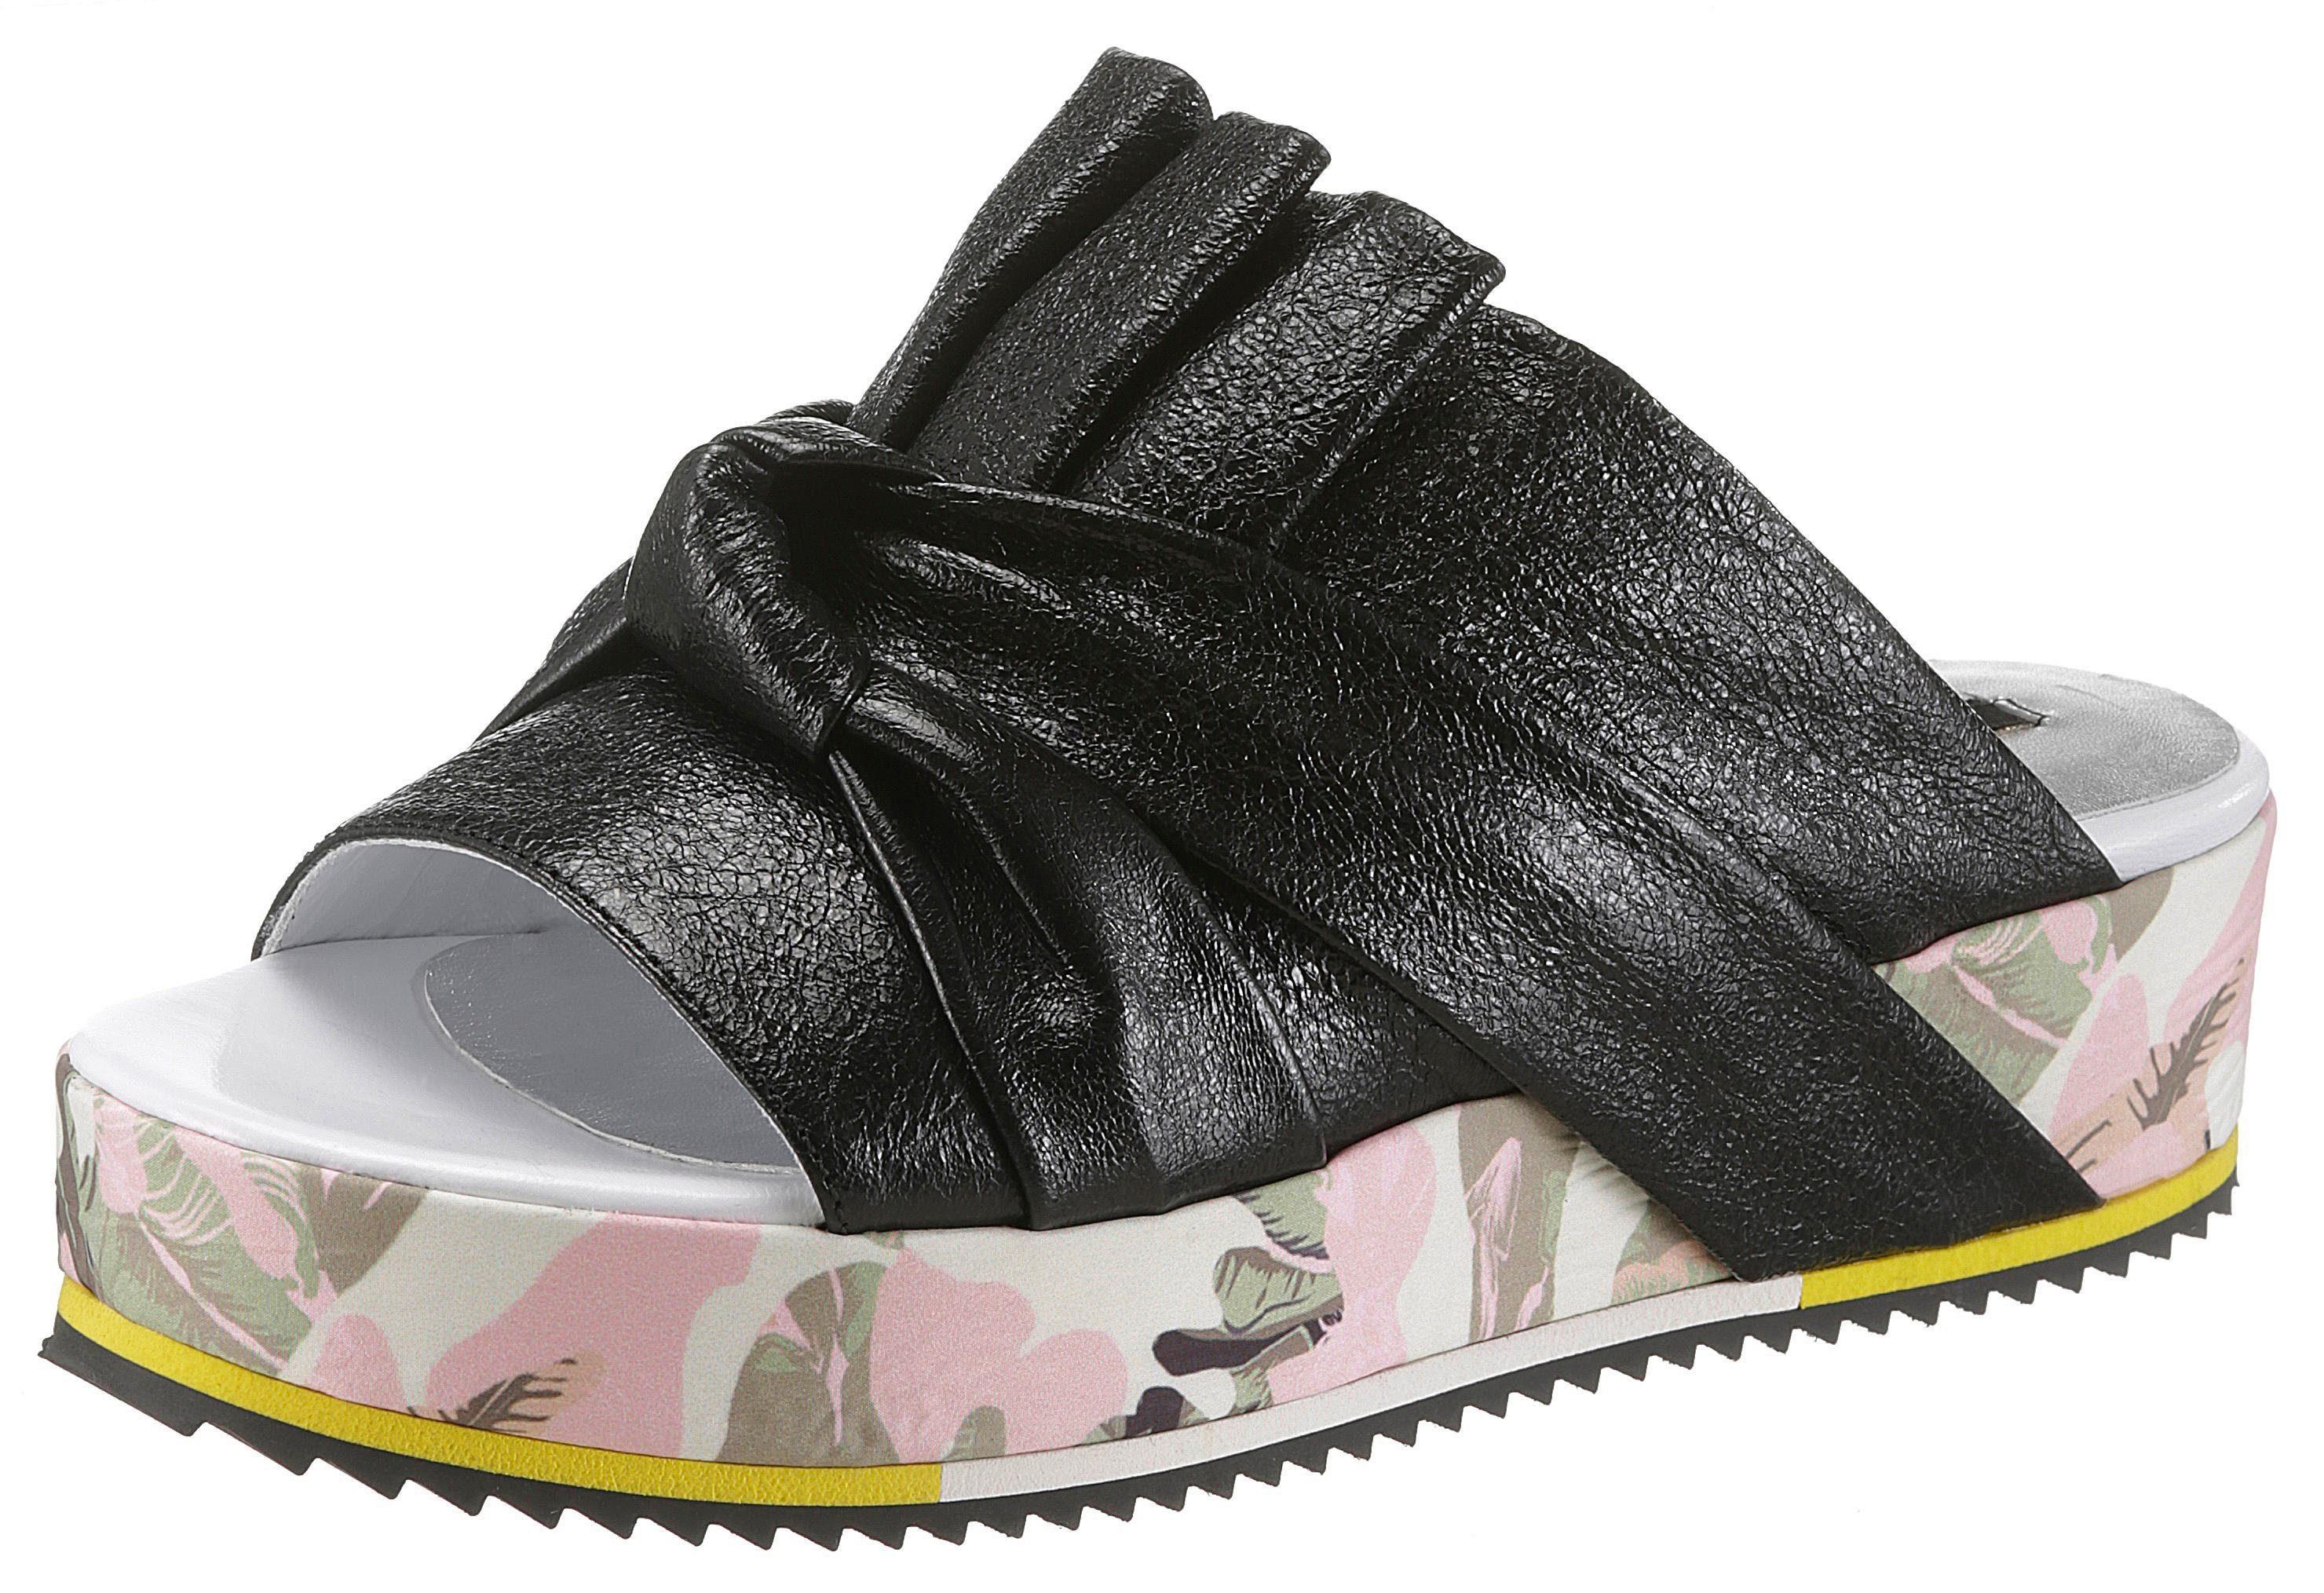 NOCLAIM Pantolette, mit farbiger Plateausohle  schwarz-bunt